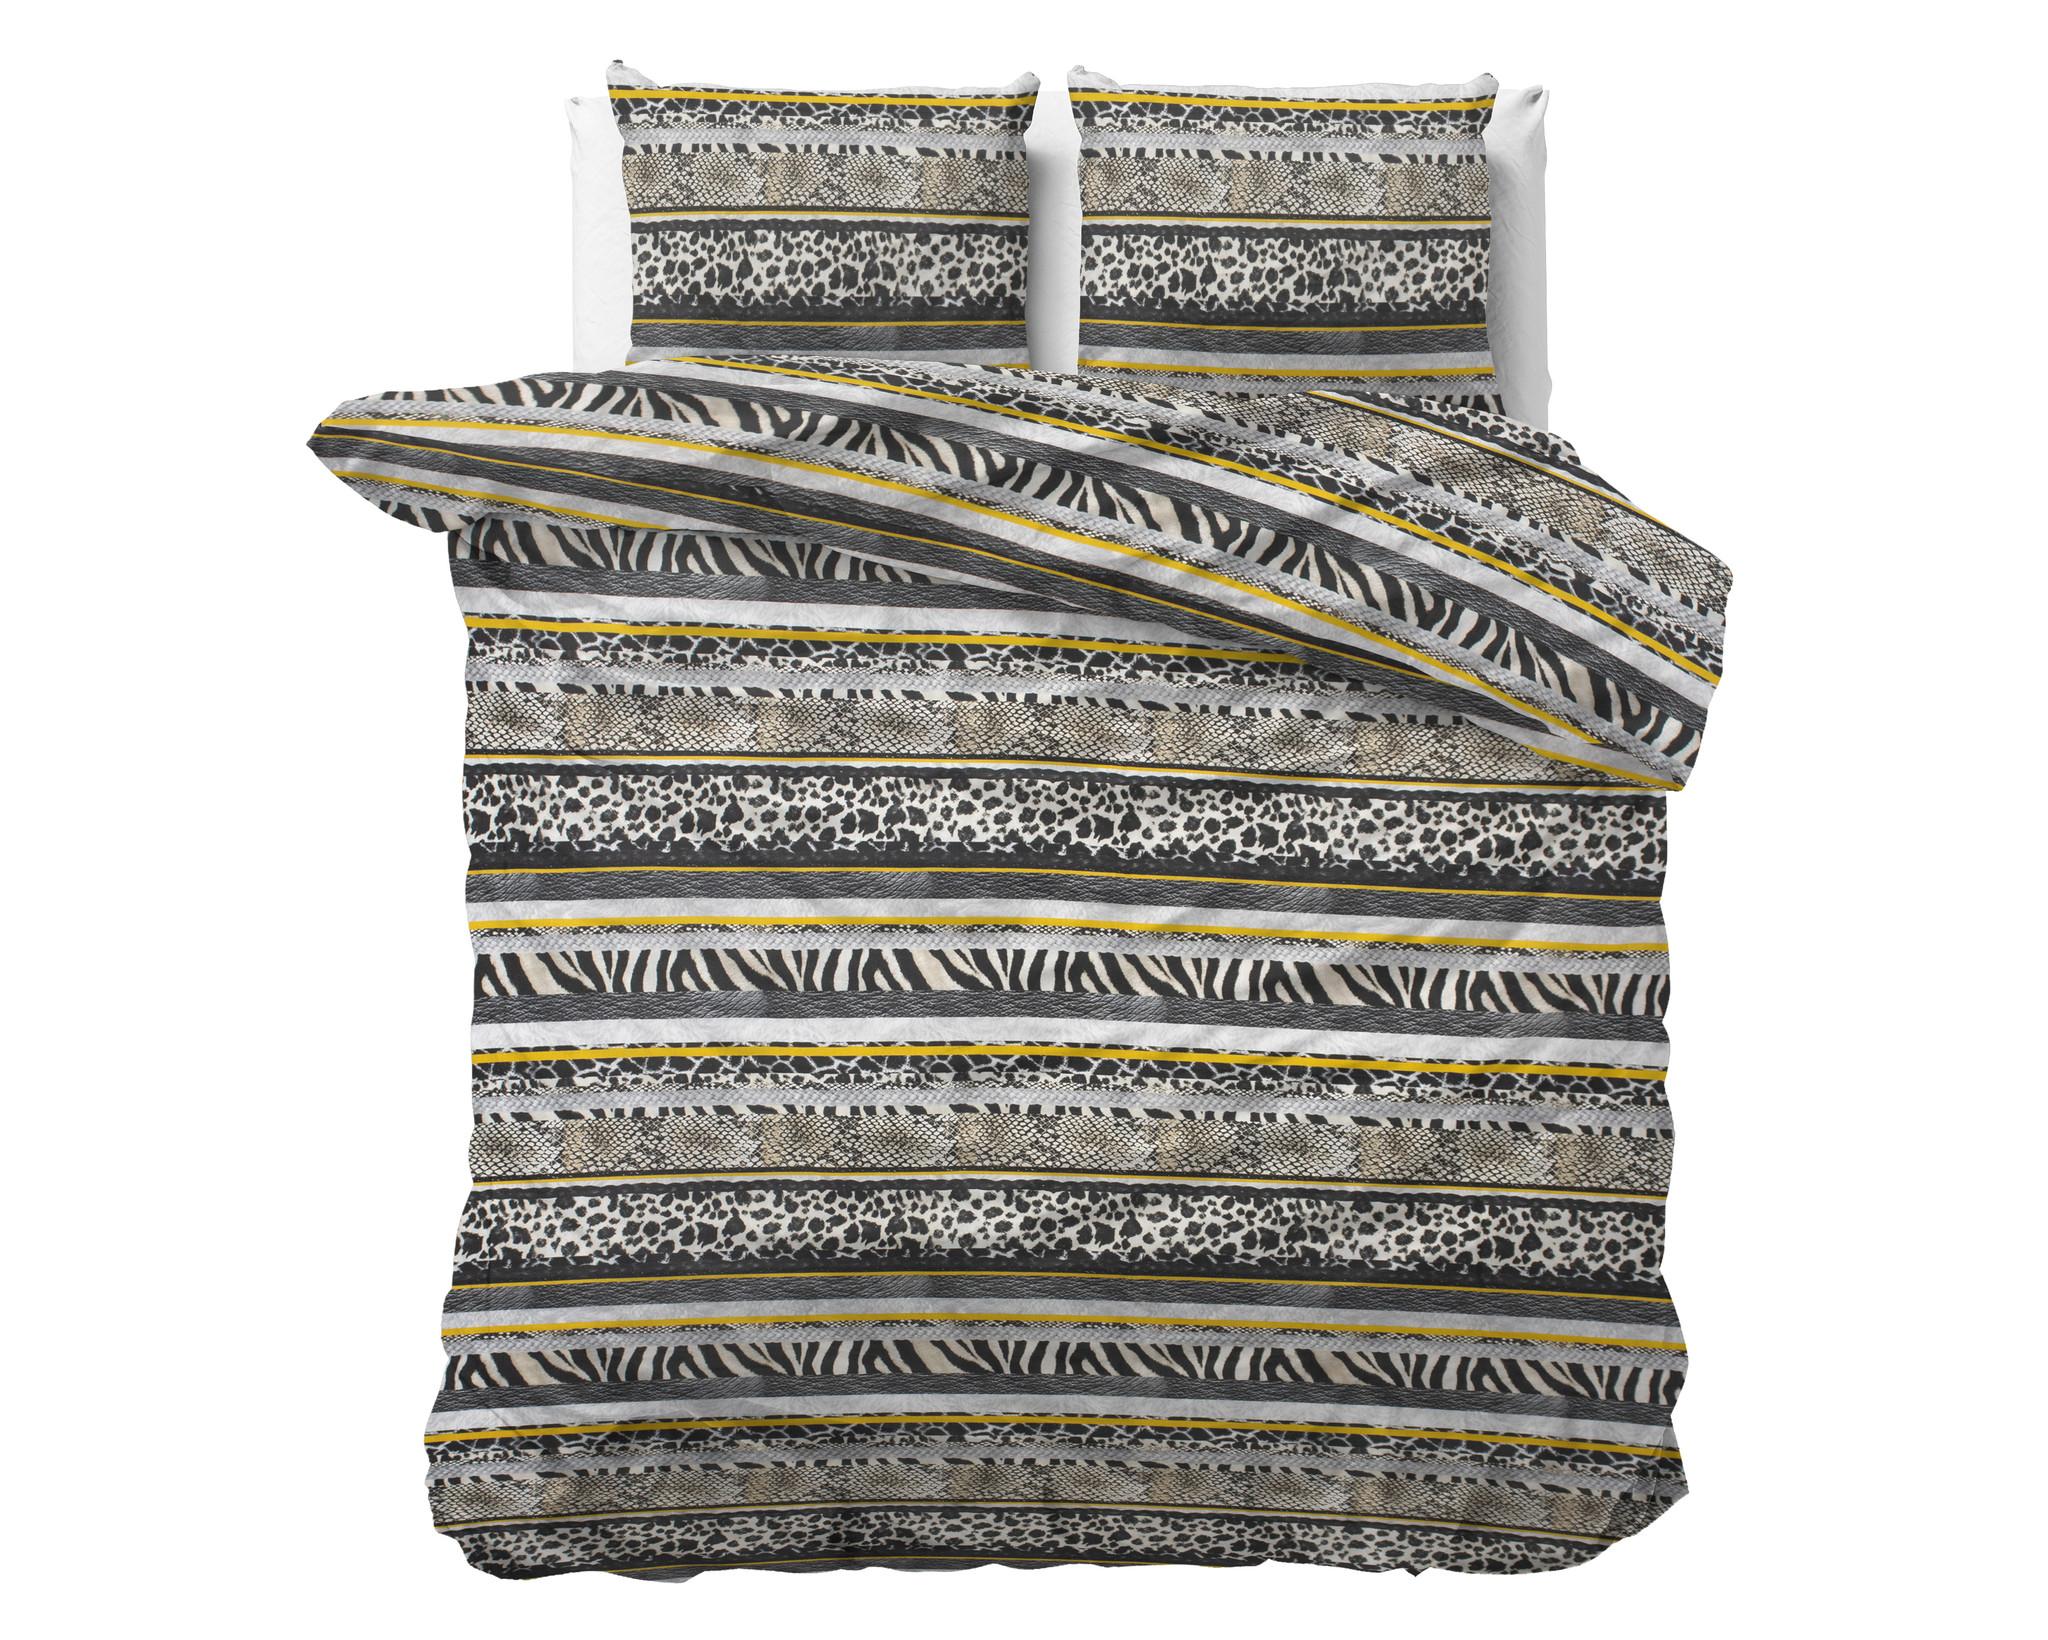 Sleeptime Elegance Zebra Style 1-persoons (140 x 220 cm + 1 kussensloop) Dekbedovertrek